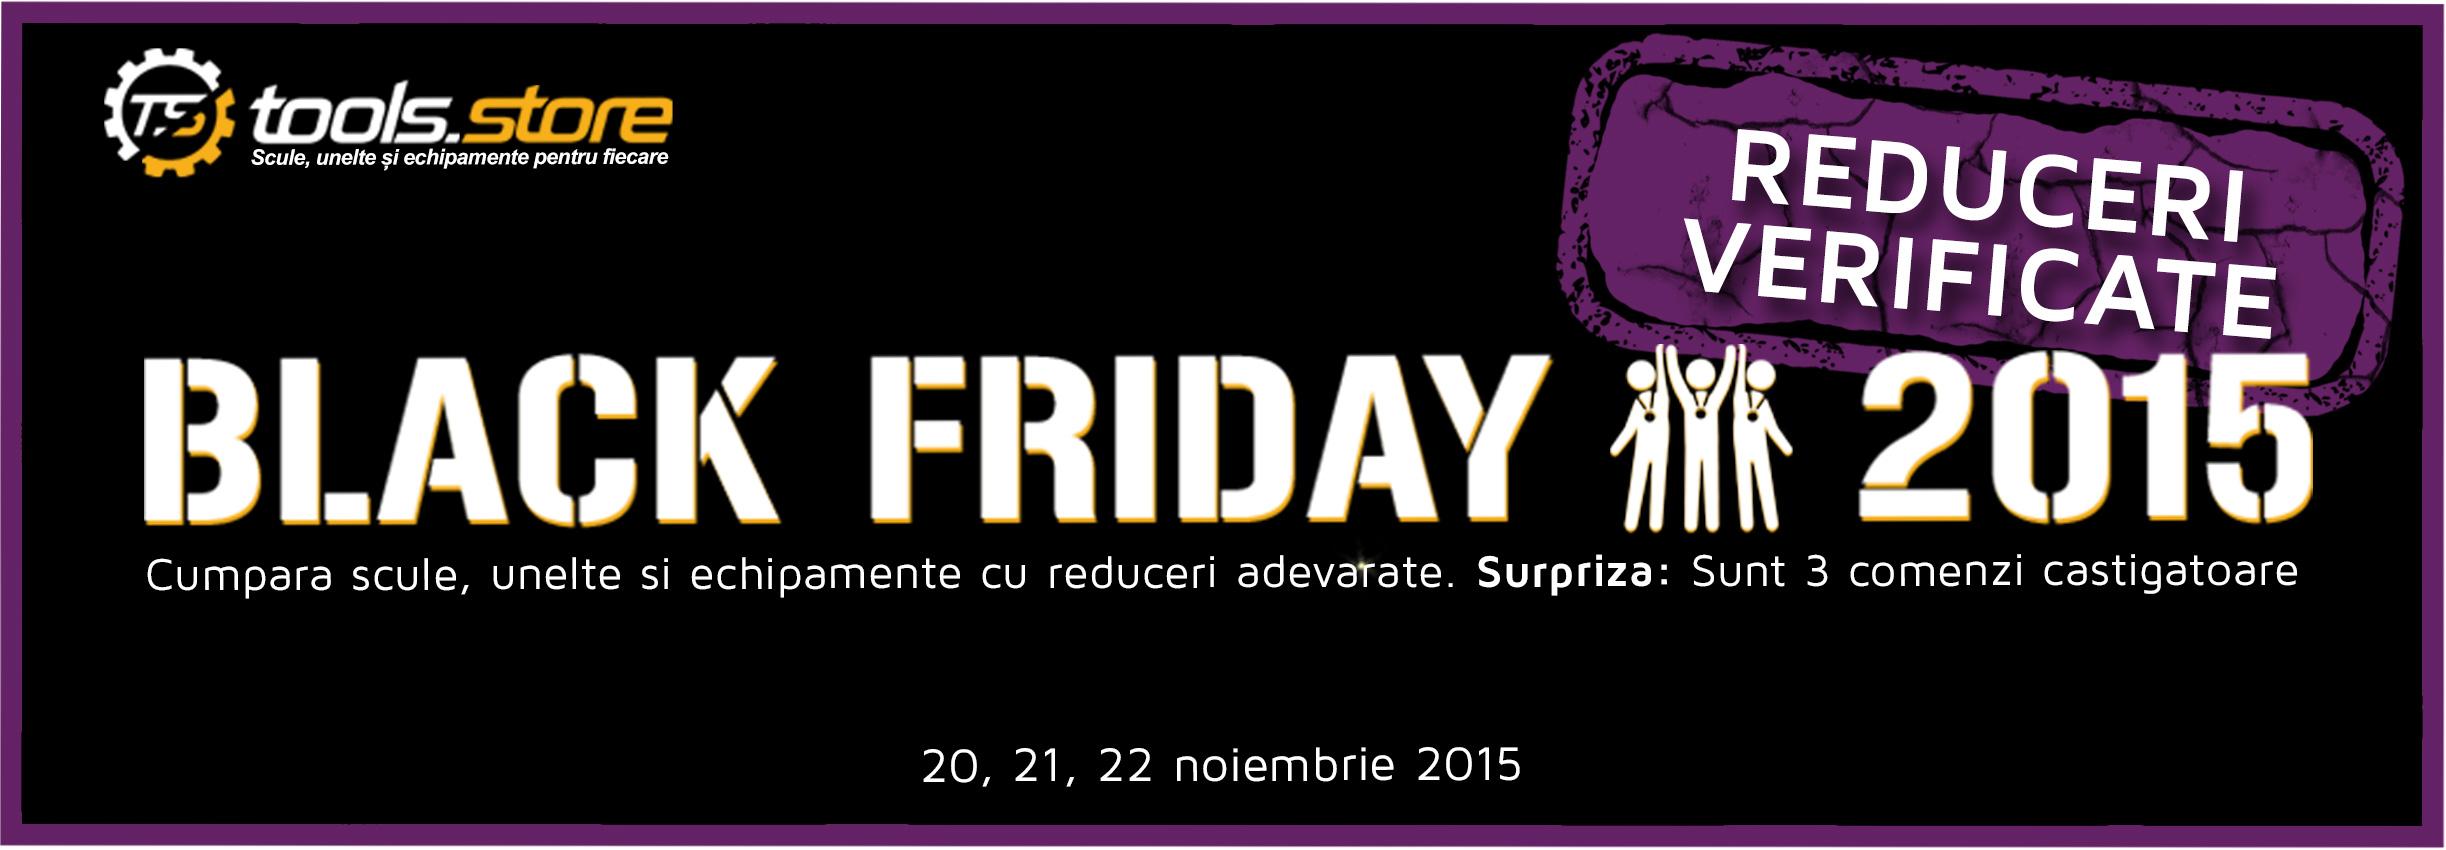 Black Friday 2015 la Tools Store